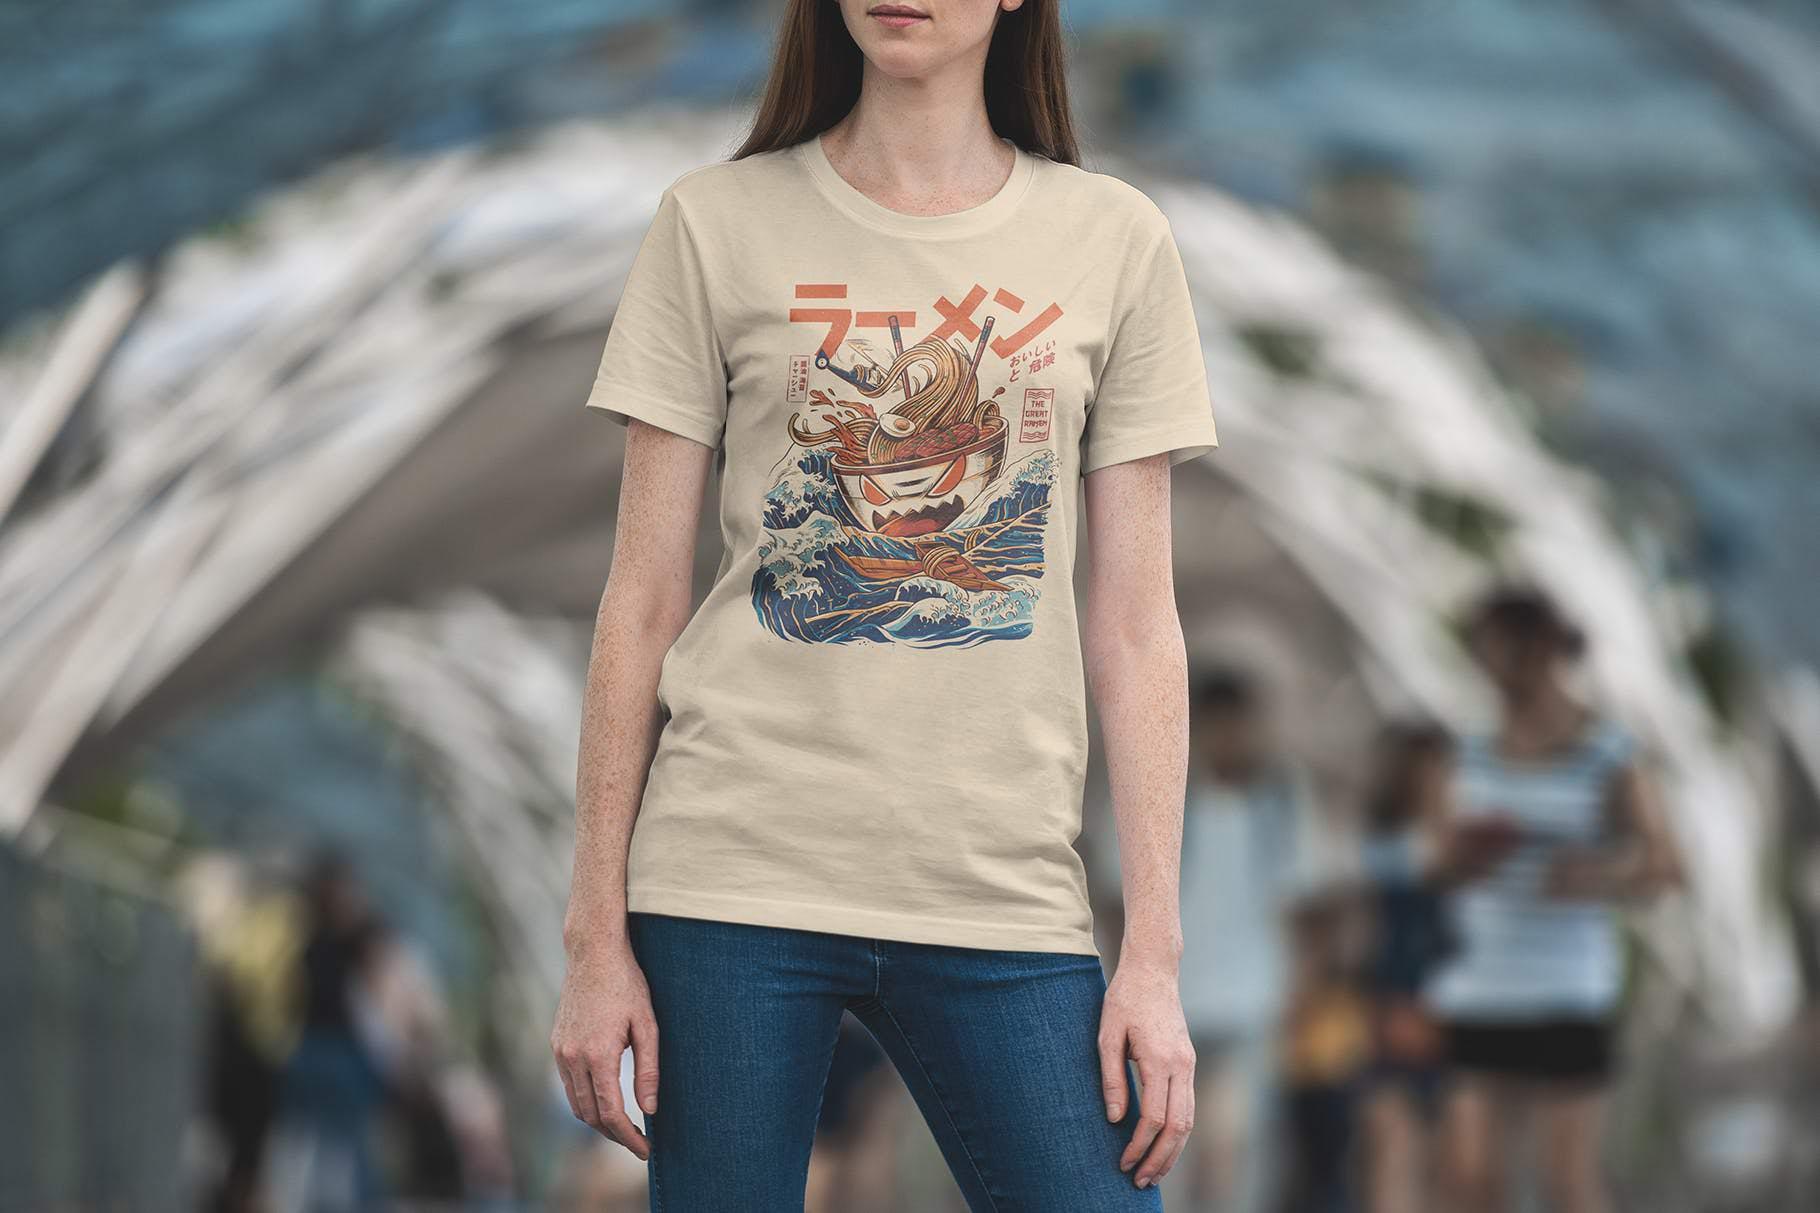 URBAN风格短袖T恤衫套装4